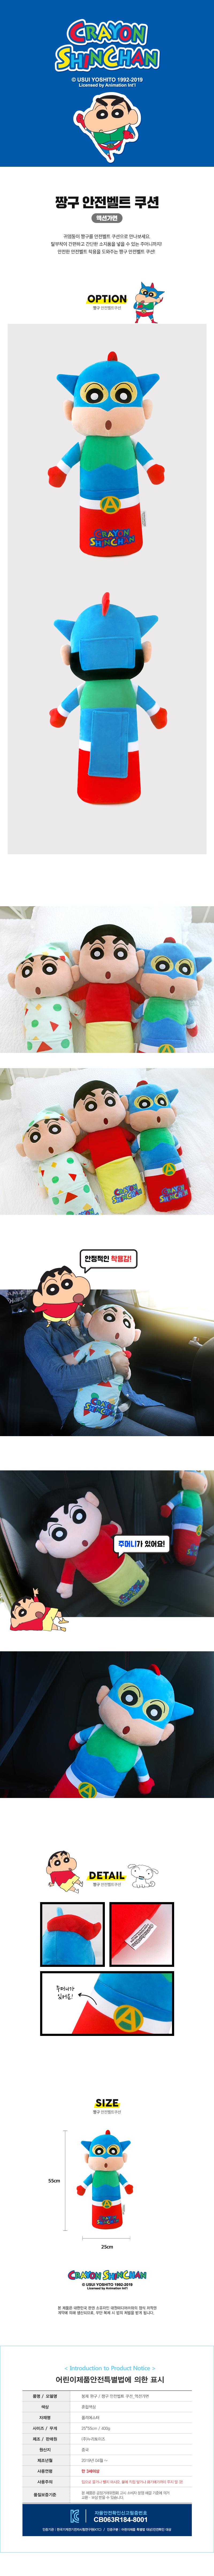 짱구 안전벨트쿠션_액션가면 - 누리토이즈, 30,000원, 캐릭터인형, 게임/애니메이션